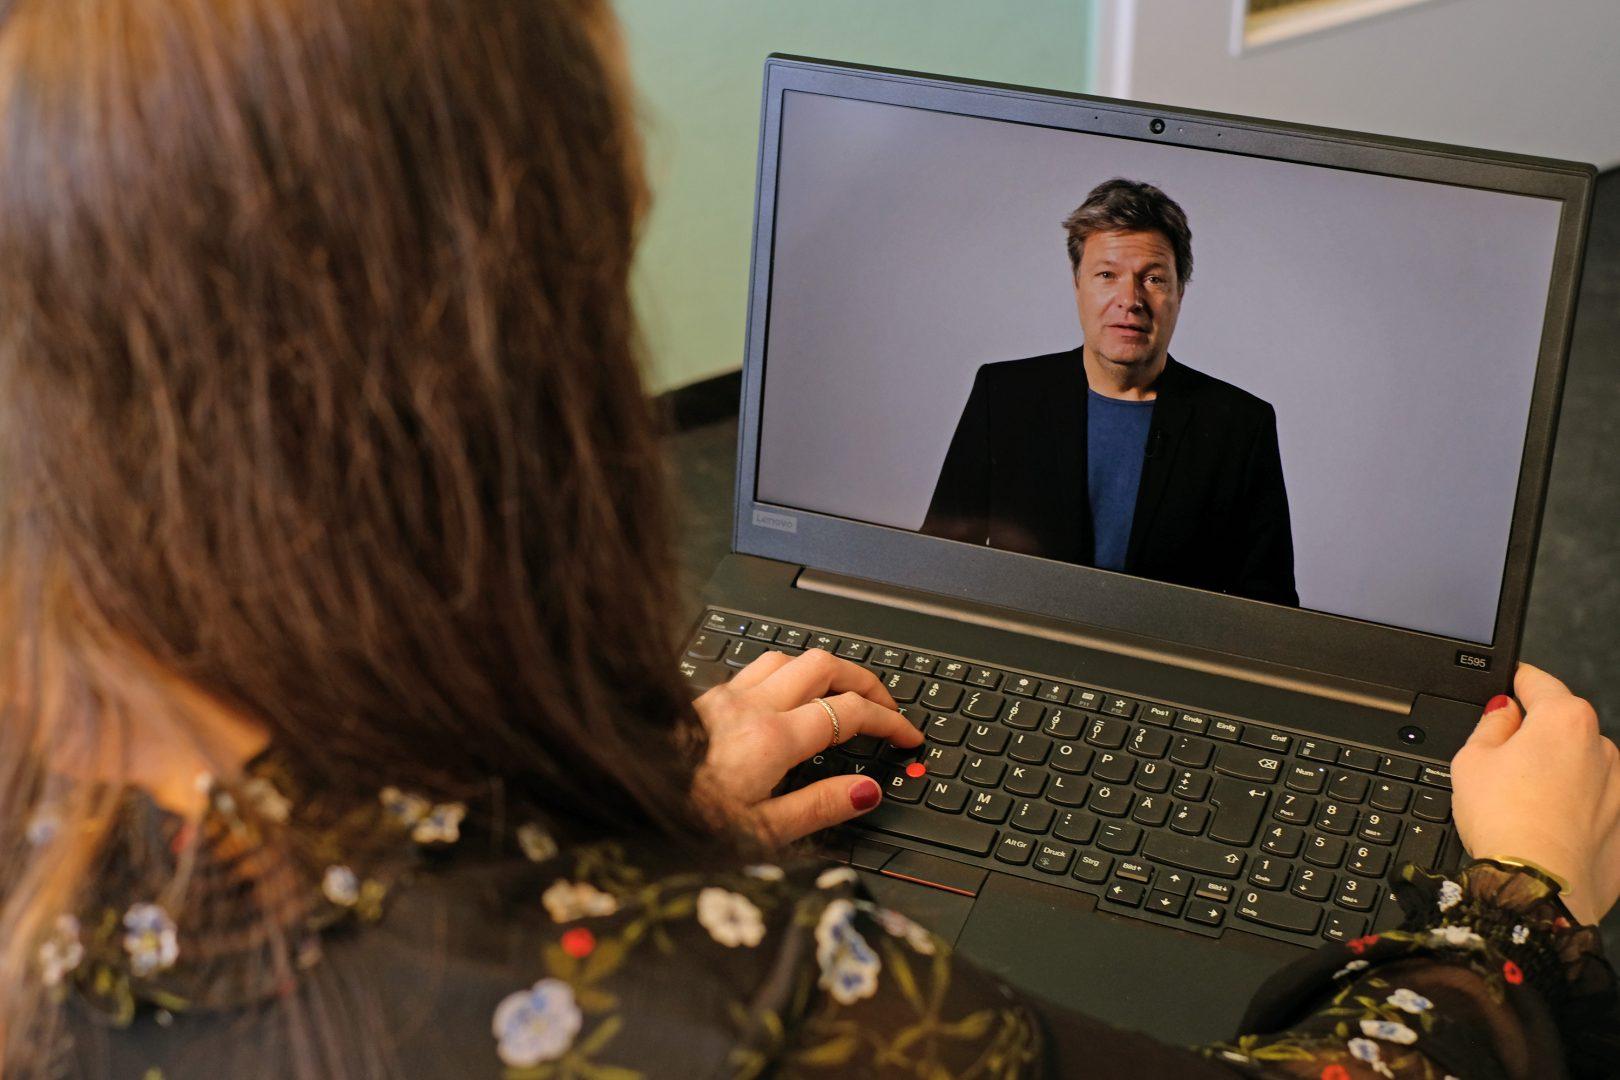 Der Bundesvorsitzende Robert Habeck war per Videobotschaft mit dabei; das Bild zeigt, wie seine Rede gerade auf einem Laptop läuft